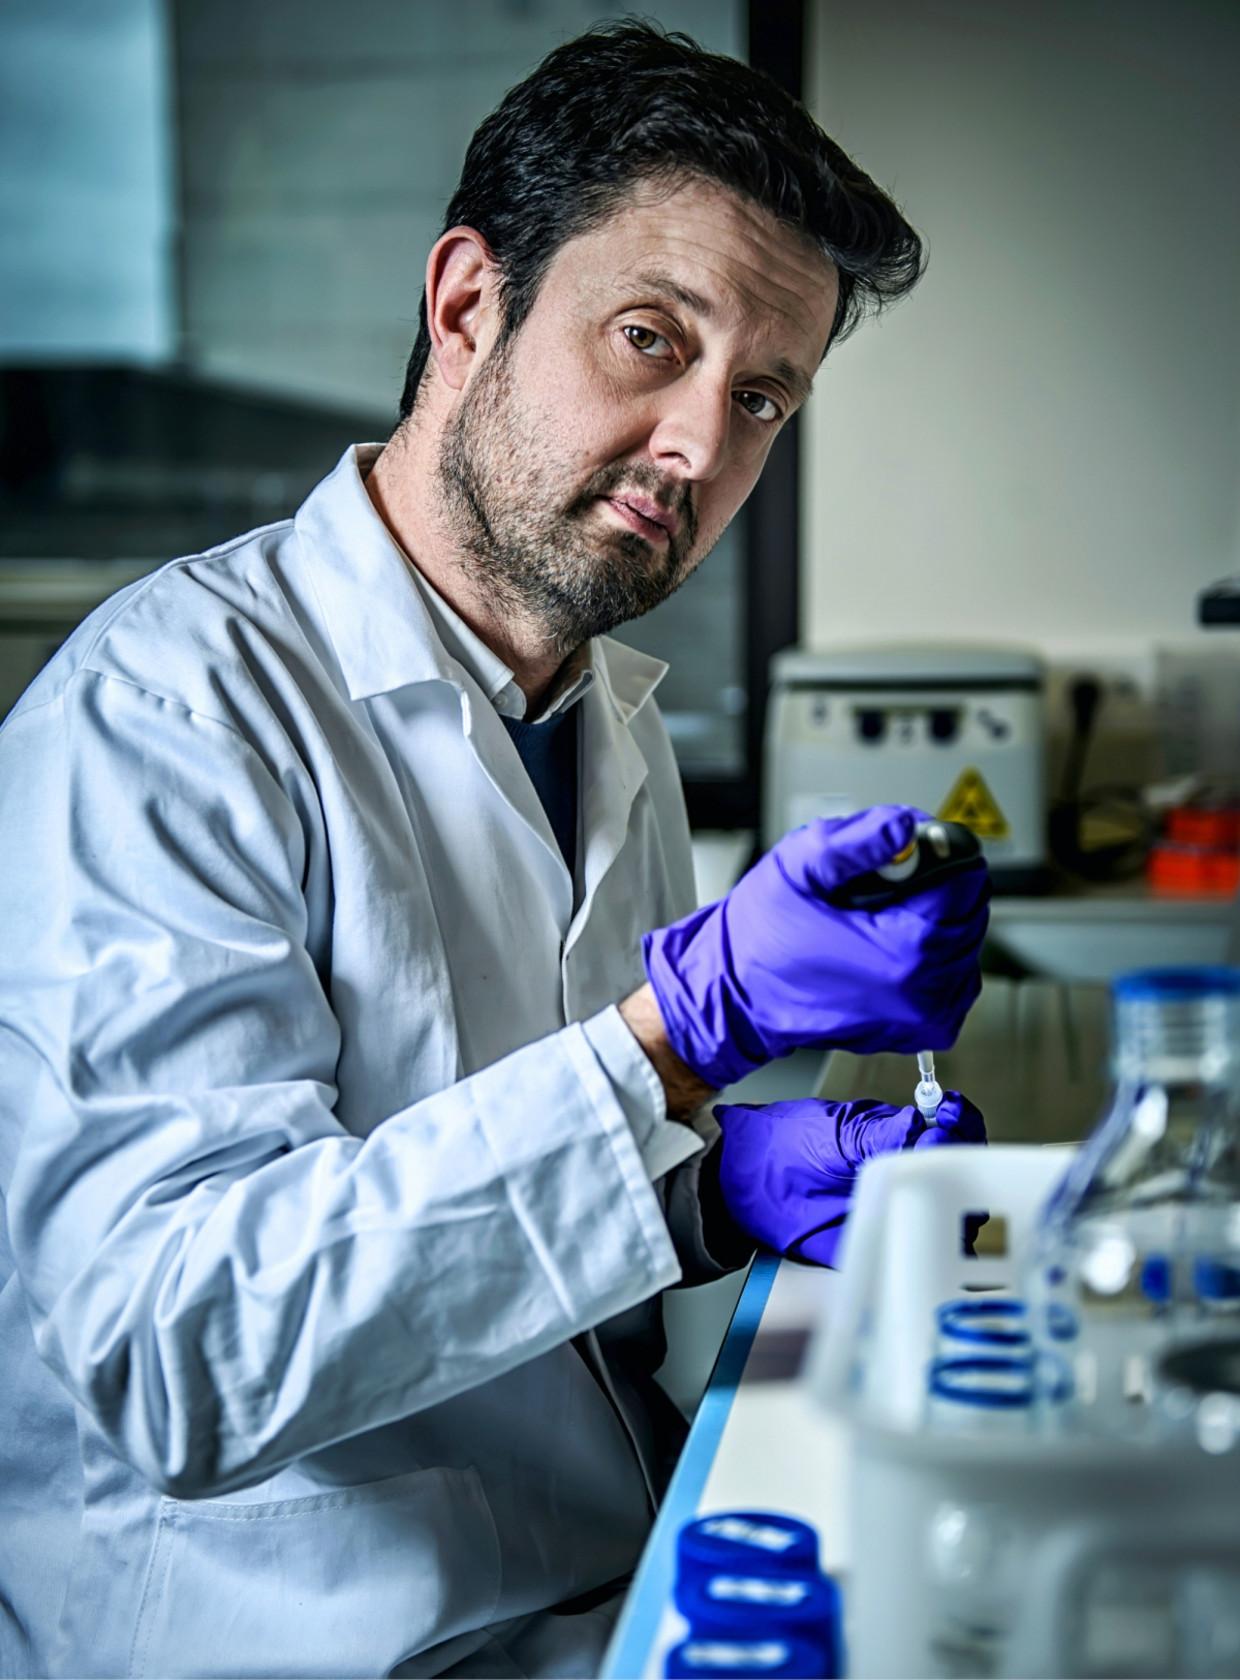 'Er wordt nu enorm geëxperimenteerd, bij muizen én bij mensen, om autisme, depressie en parkinson te behandelen via transplantatie van de stoelgang' Beeld